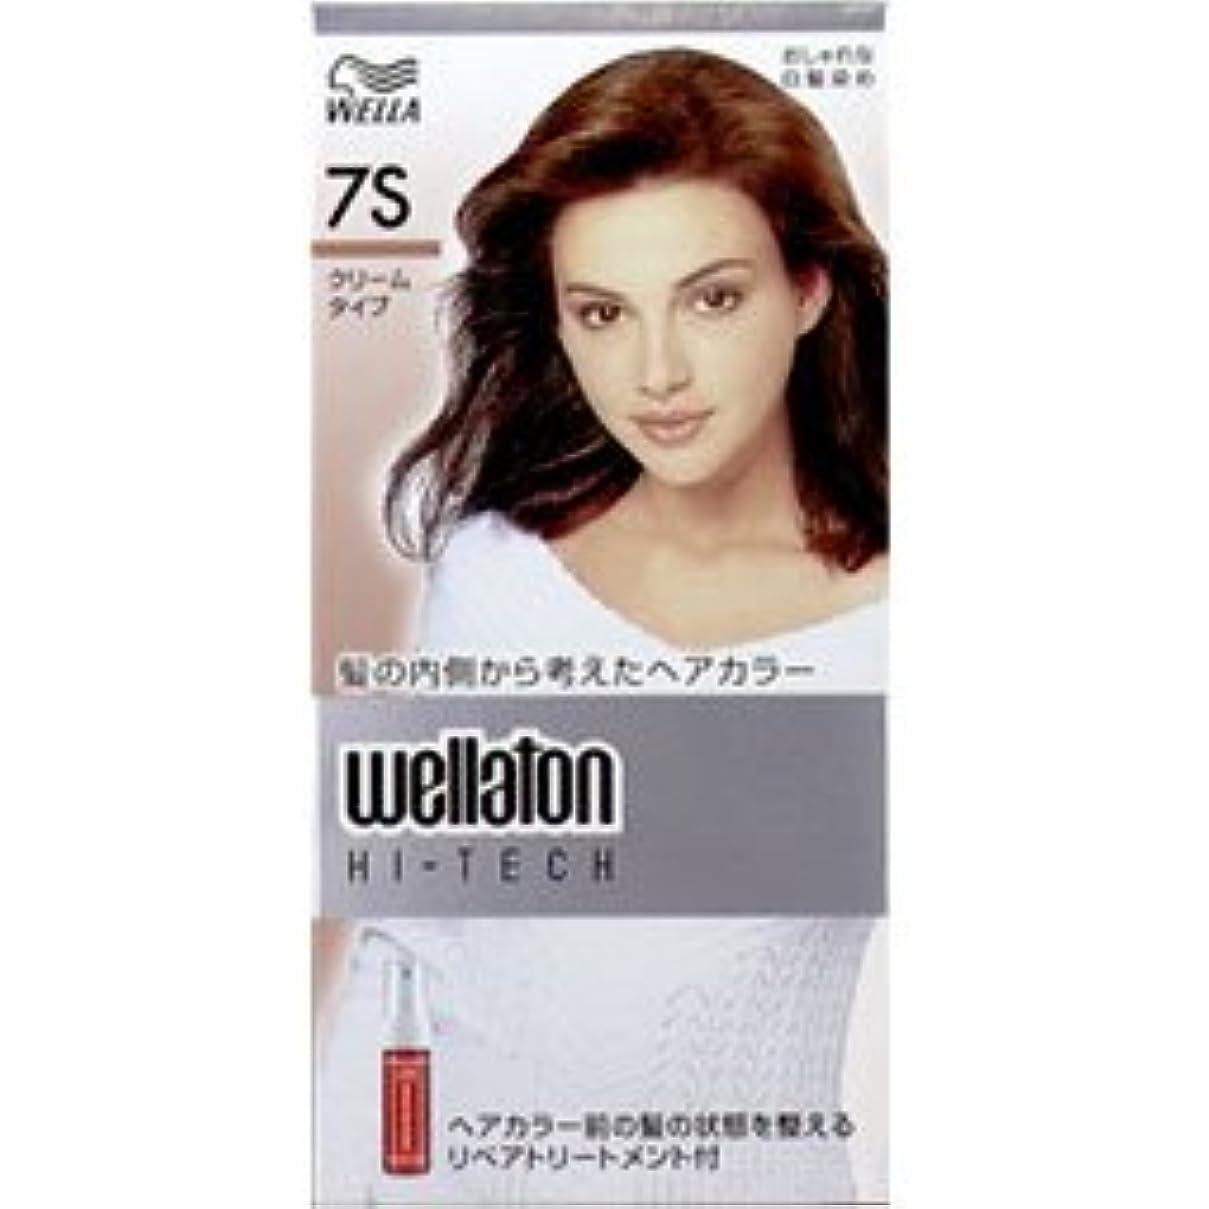 予言するピーク複製【ヘアケア】P&G ウエラ ウエラトーン ハイテッククリーム 7S 透明感のある明るい栗色 (医薬部外品) 白髪染めヘアカラー(女性用)×24点セット (4902565140602)